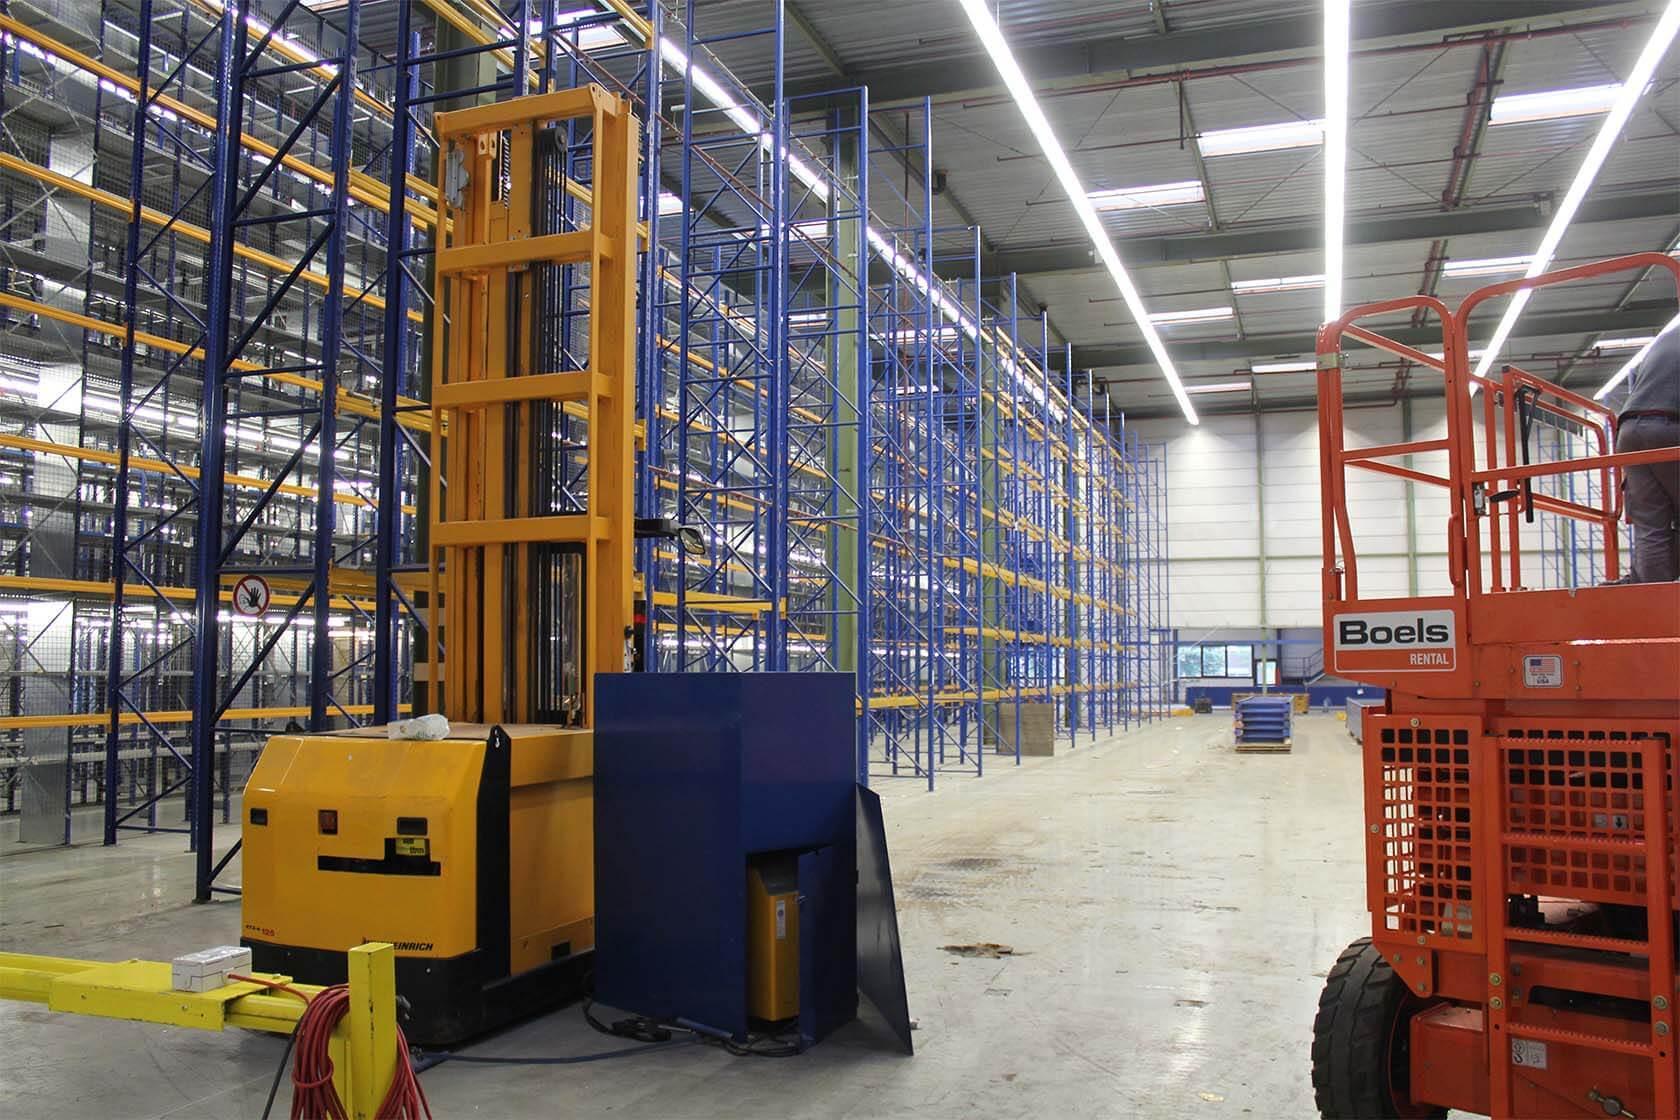 Nutzungsänderung Beantragen nutzungsänderung und umbau in einer industrieanlage in langen